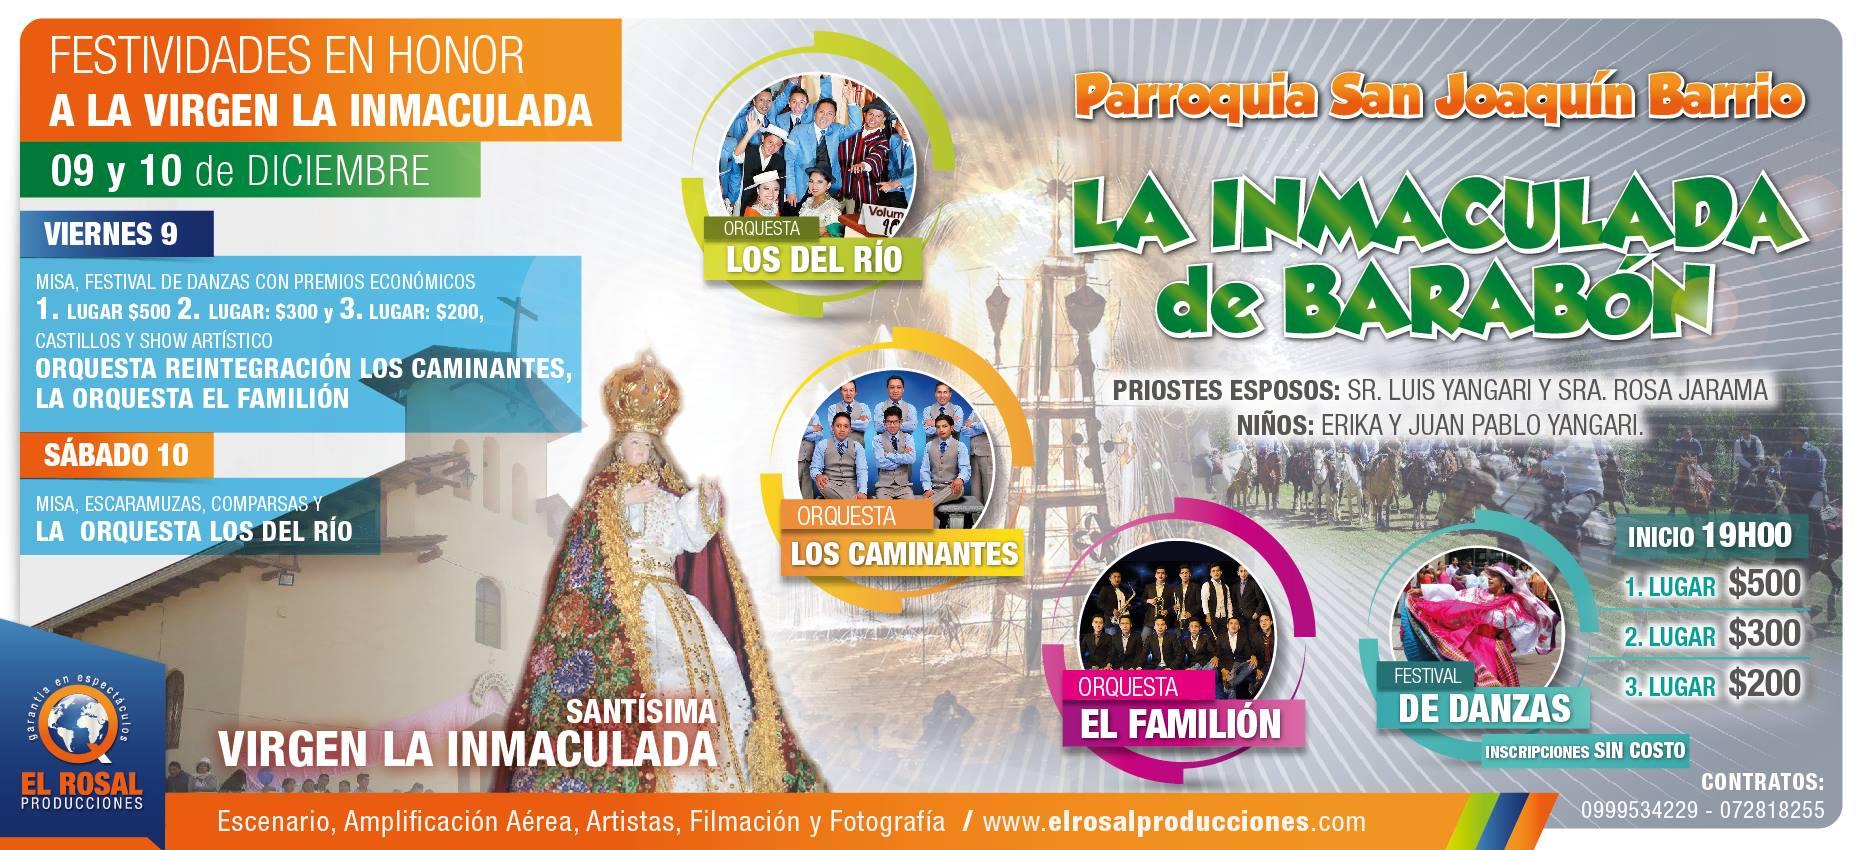 Festividades en Honor a la Virgen La Inmaculada